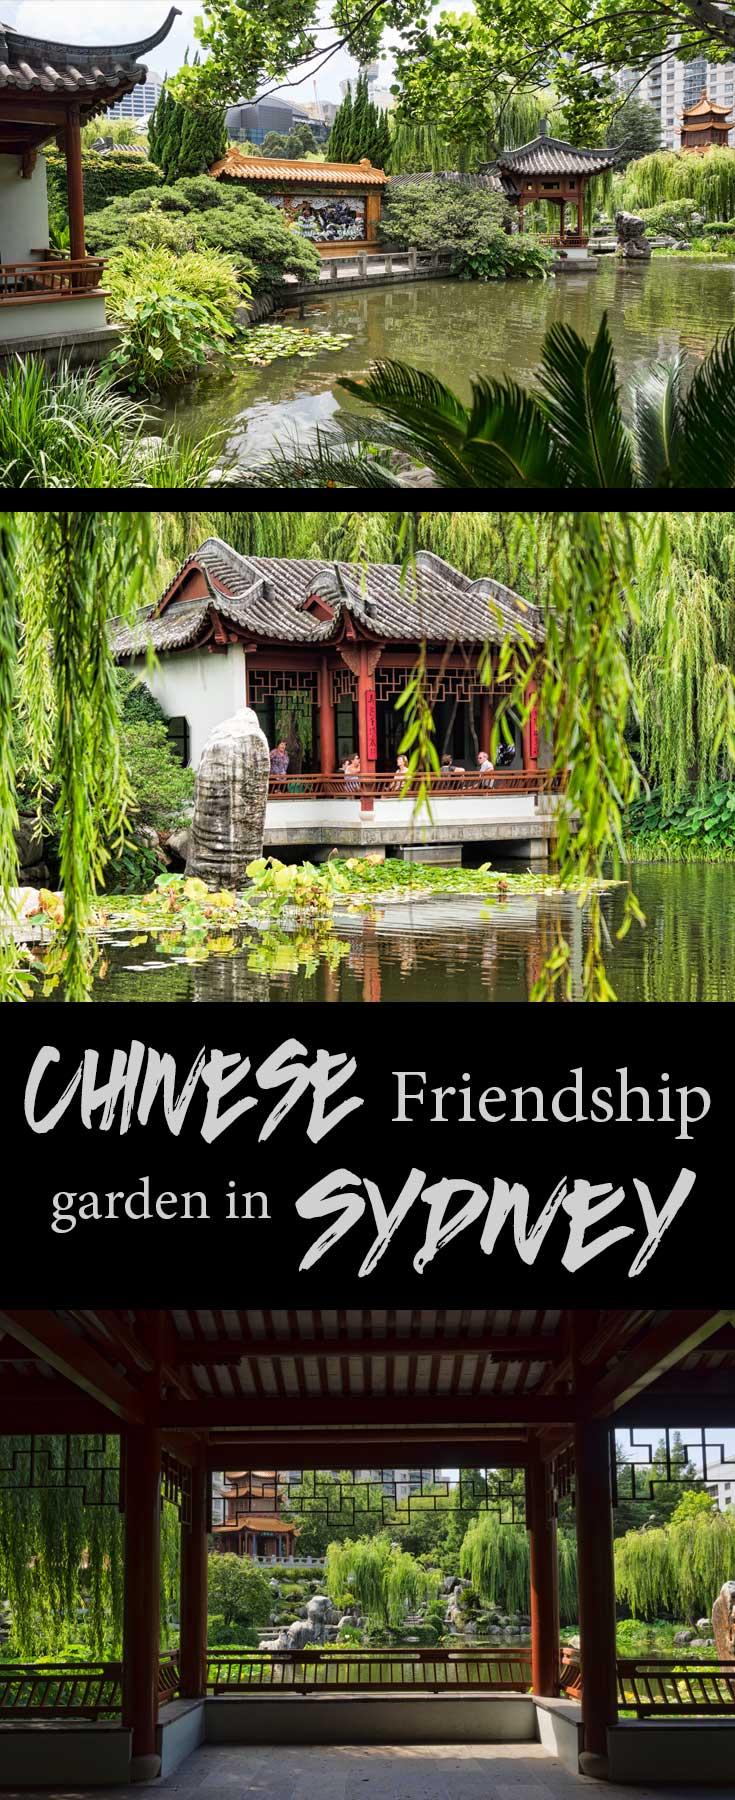 Chinese friendship garden in Sydney